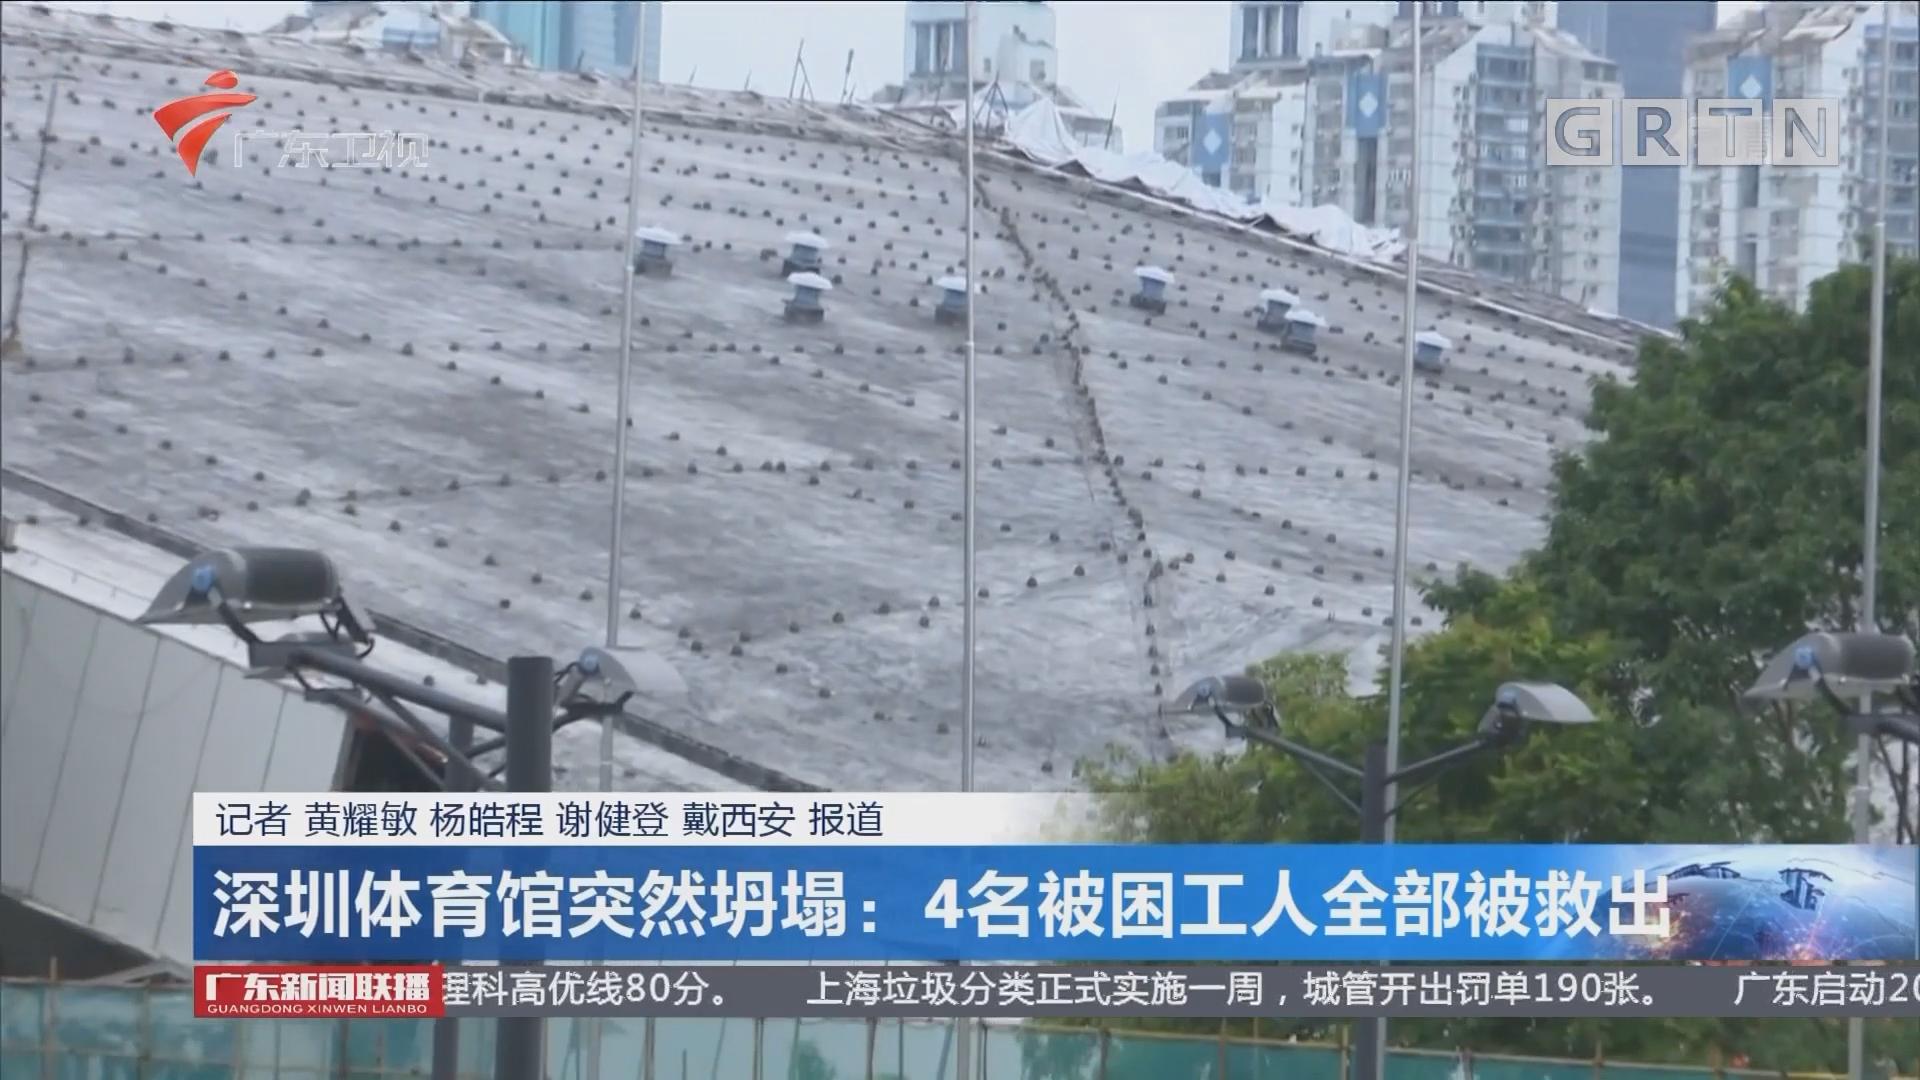 深圳体育馆突然坍塌:4名被困工人全部被救出